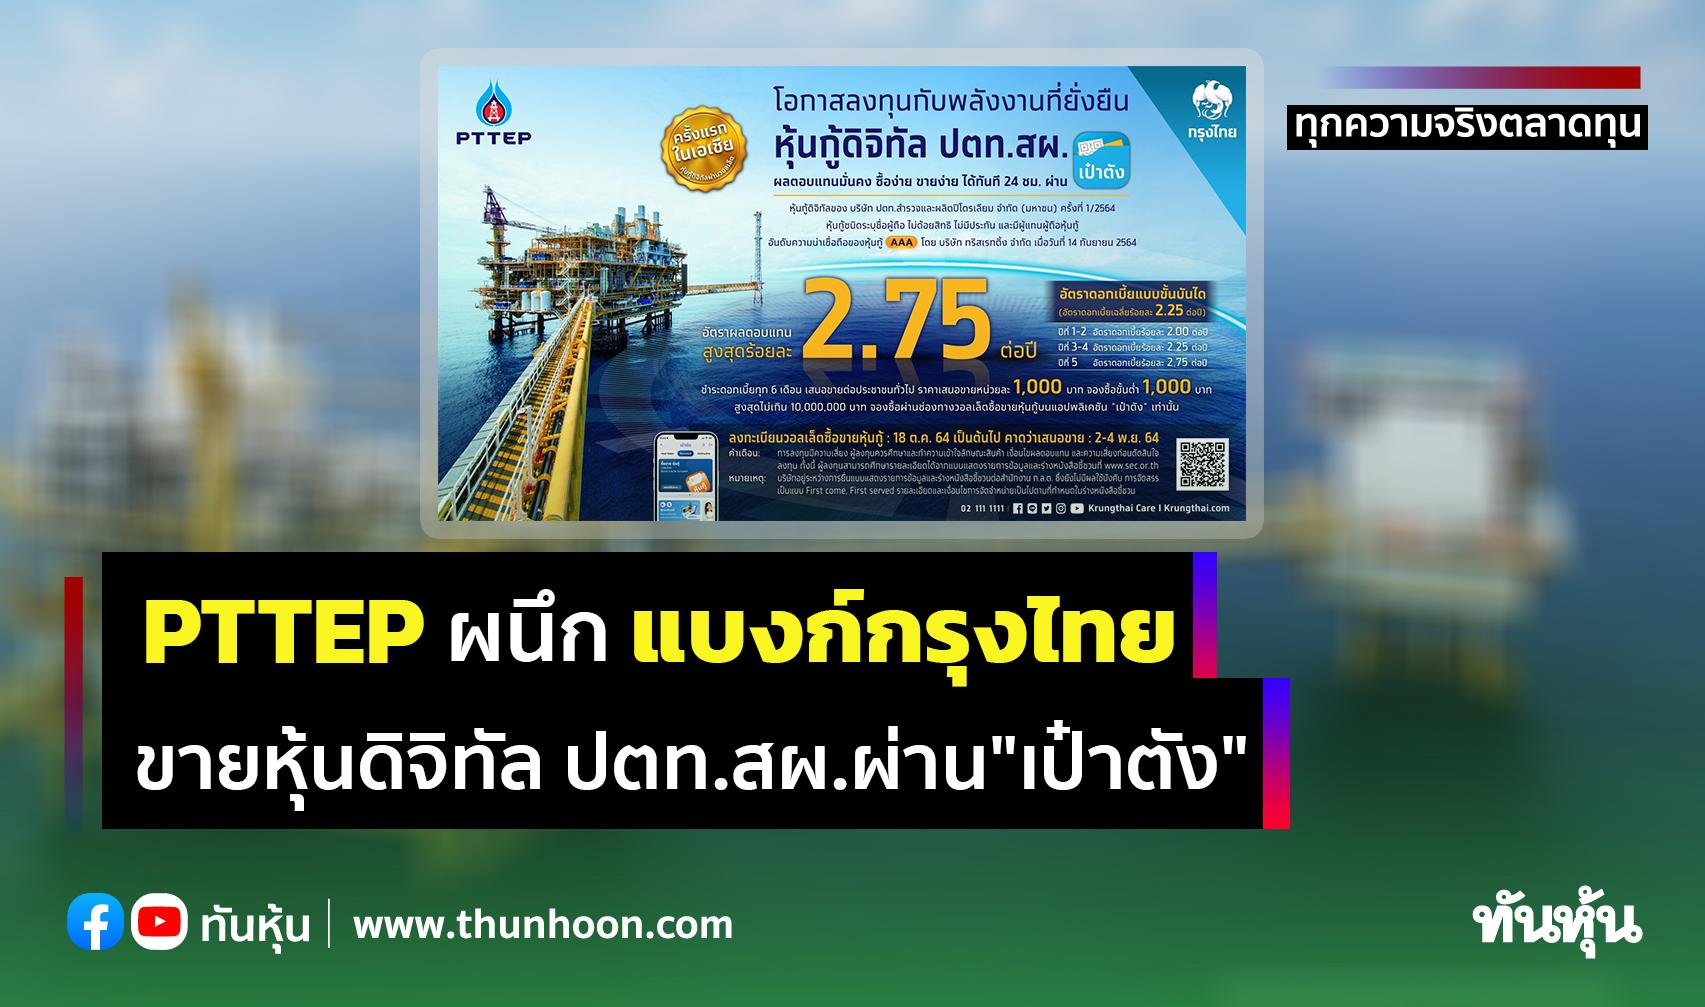 """PTTEP ผนึก แบงก์กรุงไทย ขายหุ้นดิจิทัล ปตท.สผ.ผ่าน""""เป๋าตัง"""", เสนอขาย 2-4 พ.ย."""